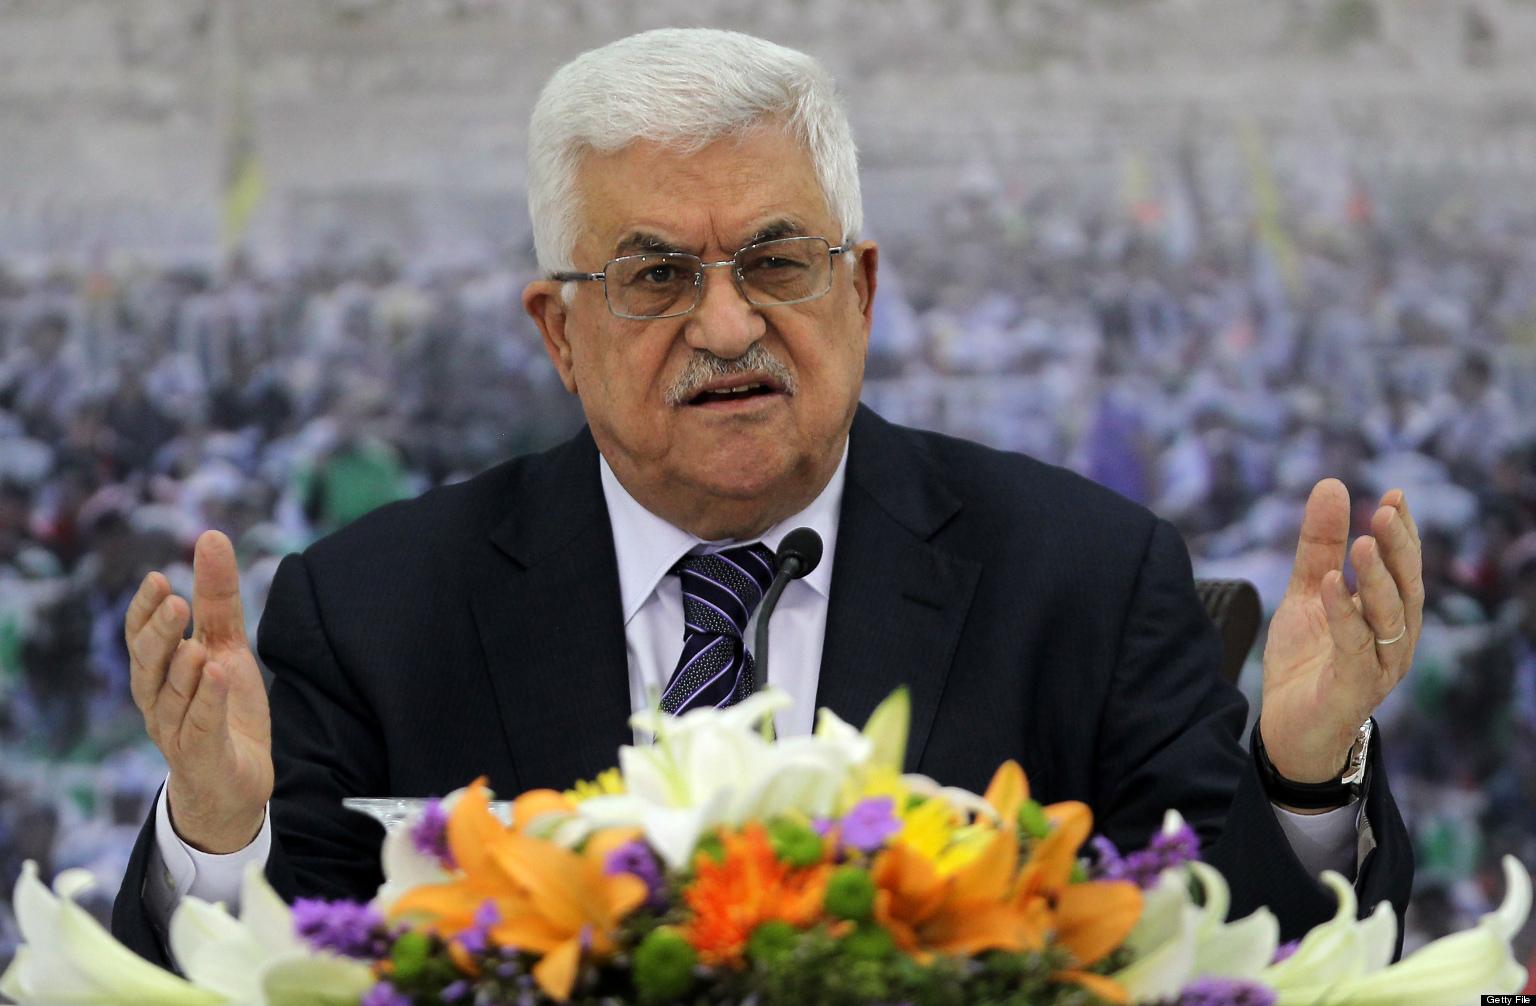 وكالة الصحافة الفلسطينية - عباس يتوعد بتصعيد الإجراءات ضد غزة